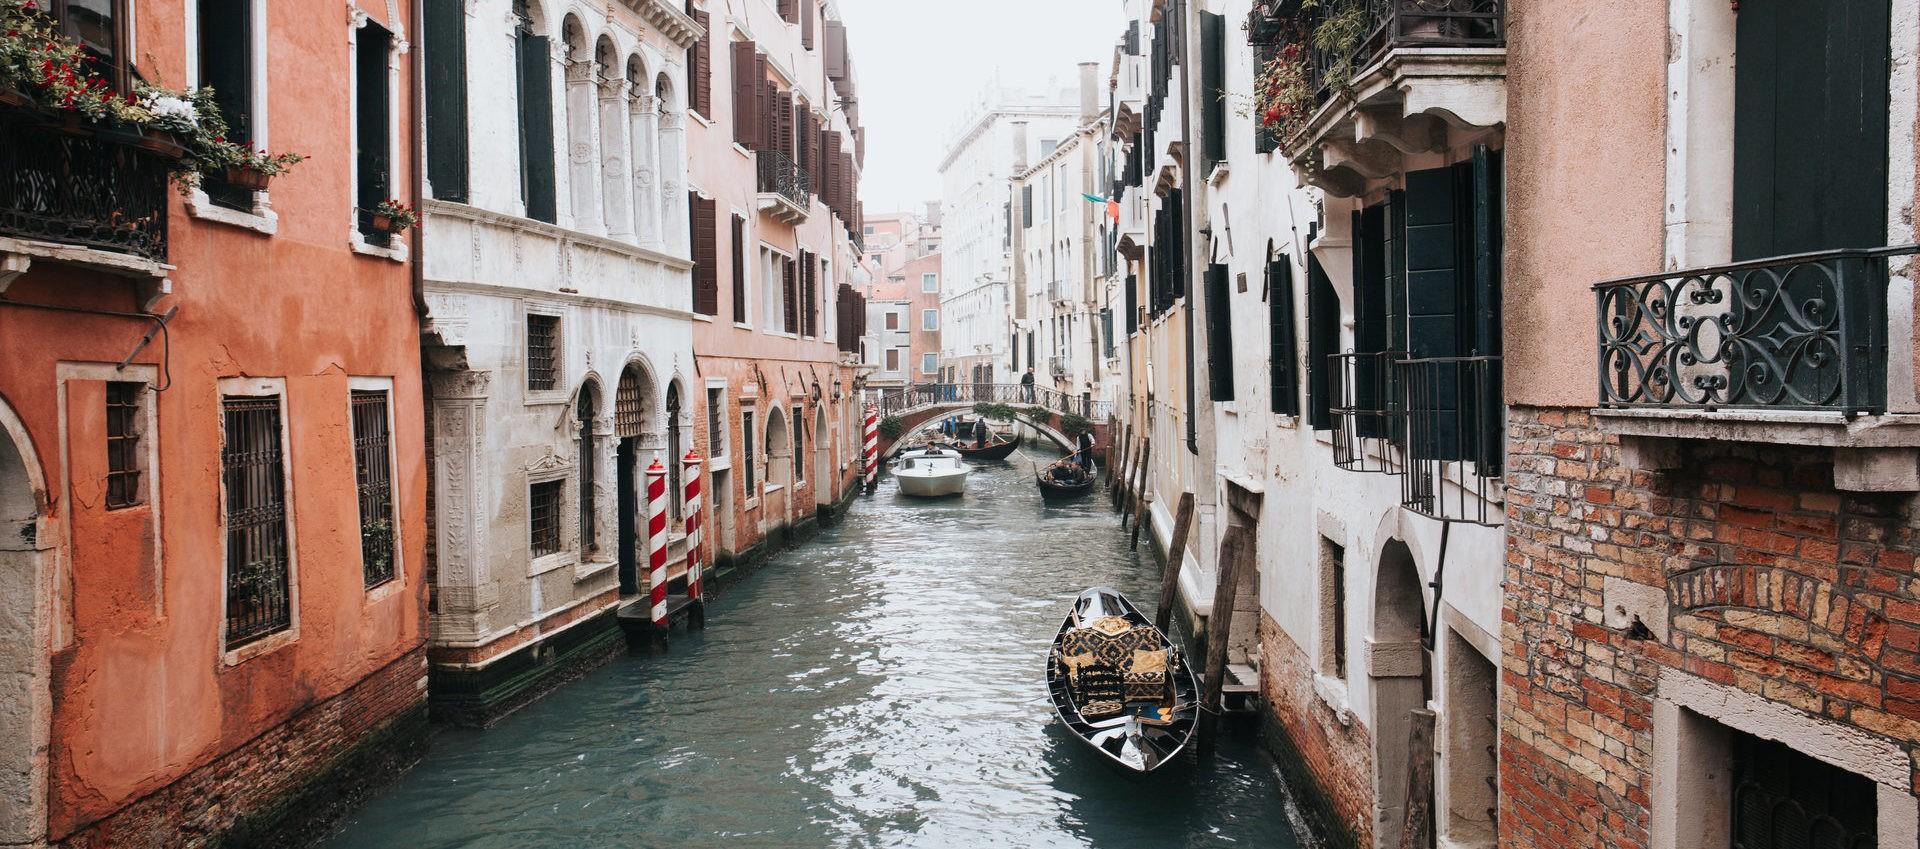 Wenecja, Wenecja o wielu twarzach, różne twarze Wenecji, jaka jest Wenecja, rożne spojrzenia na Wenecję, wrażenia z Wenecji, Wenecja różnymi oczami, dwie Wenecje